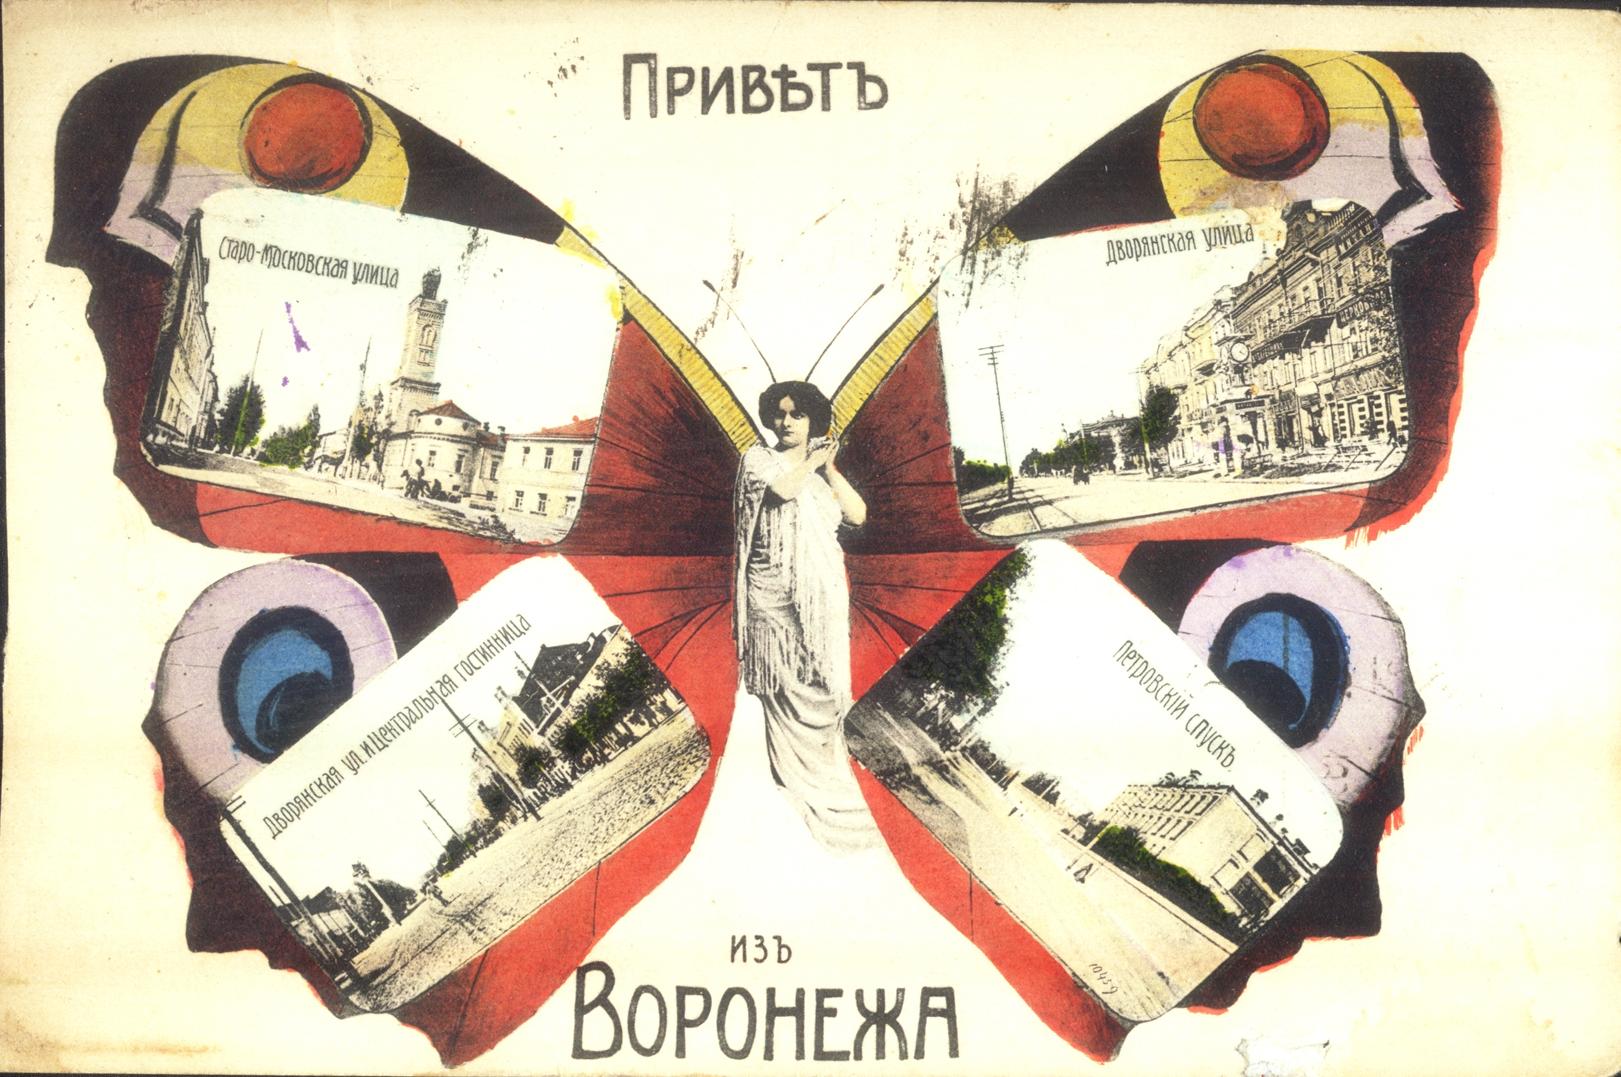 http://s5.uploads.ru/k1WVt.jpg